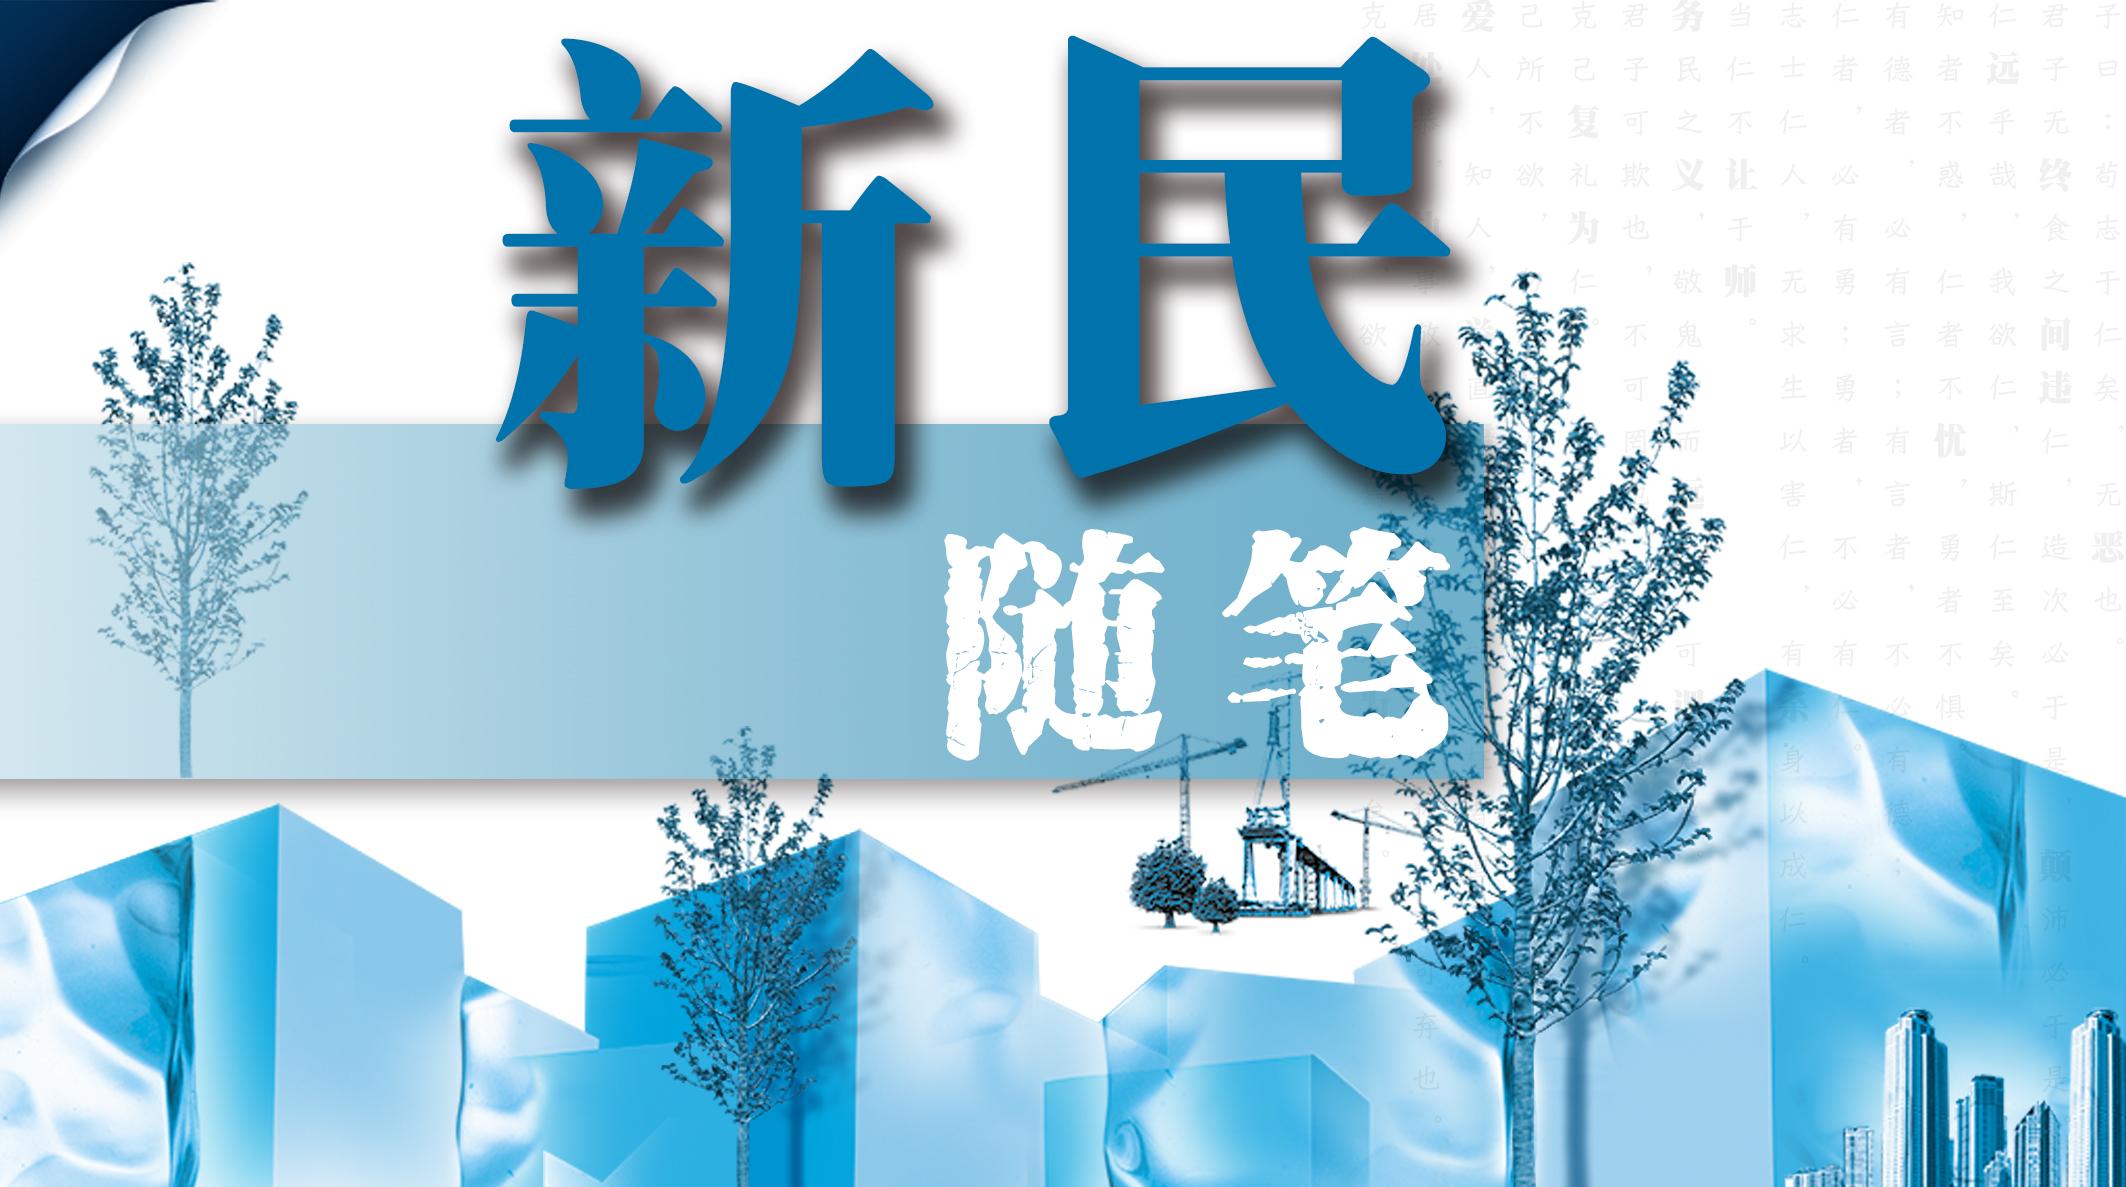 新民随笔丨中国公司跻身全球市值前十的启示